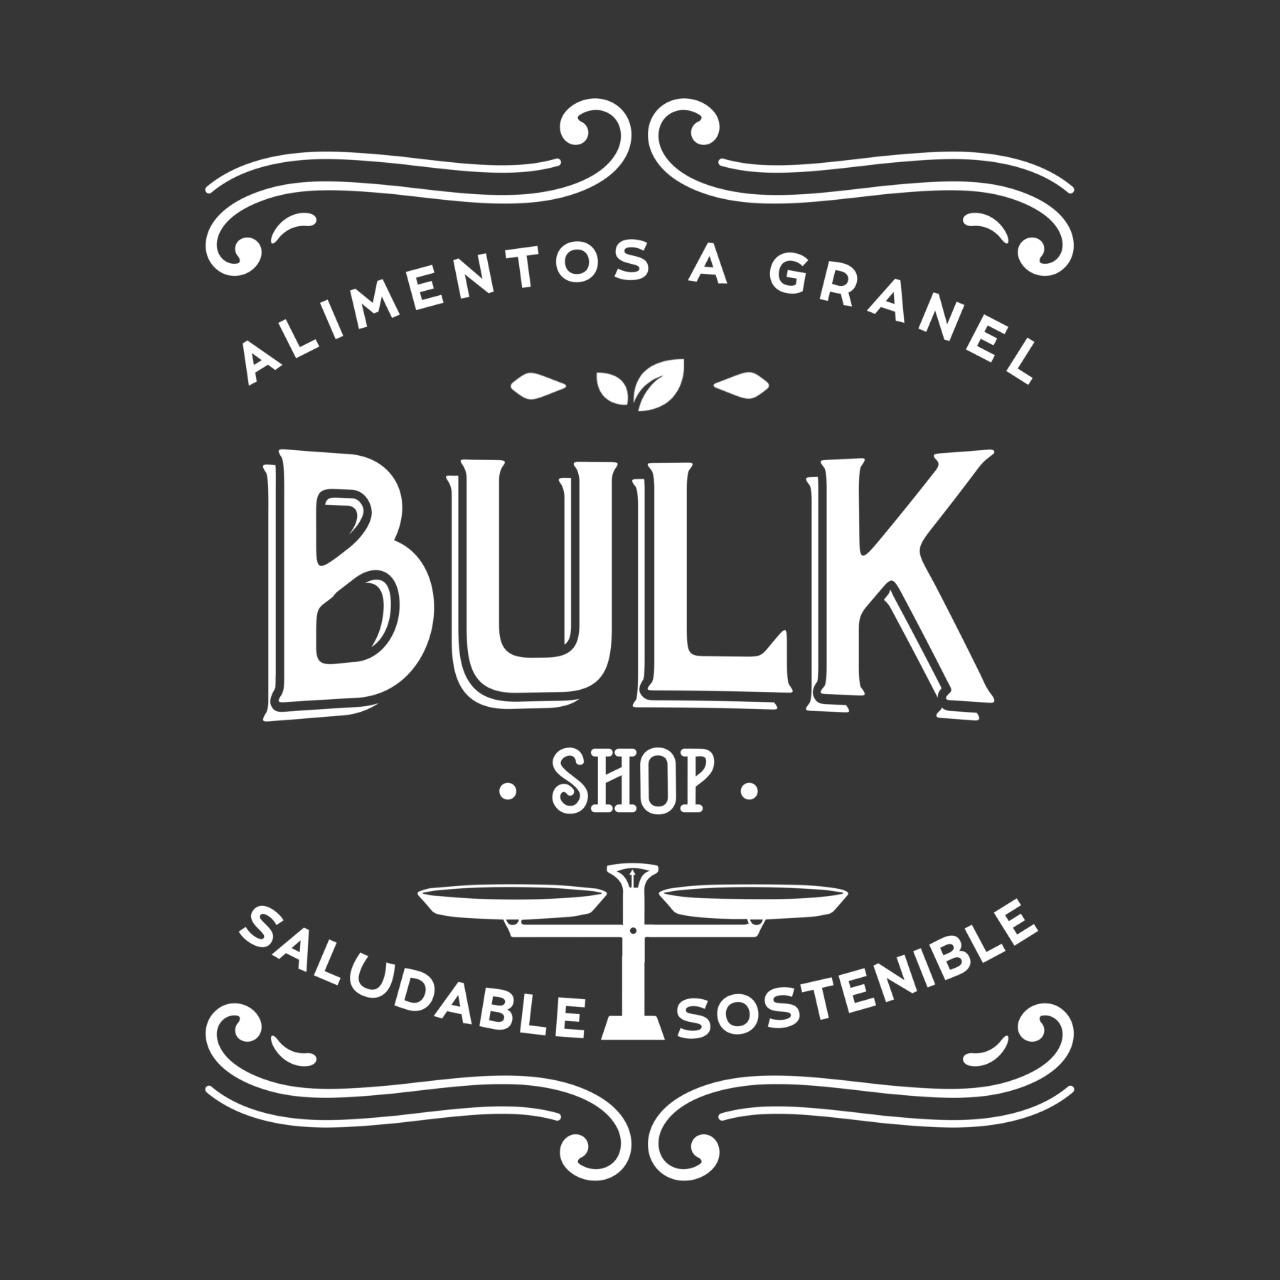 Bulk Shop Tienda de alimentación a granel